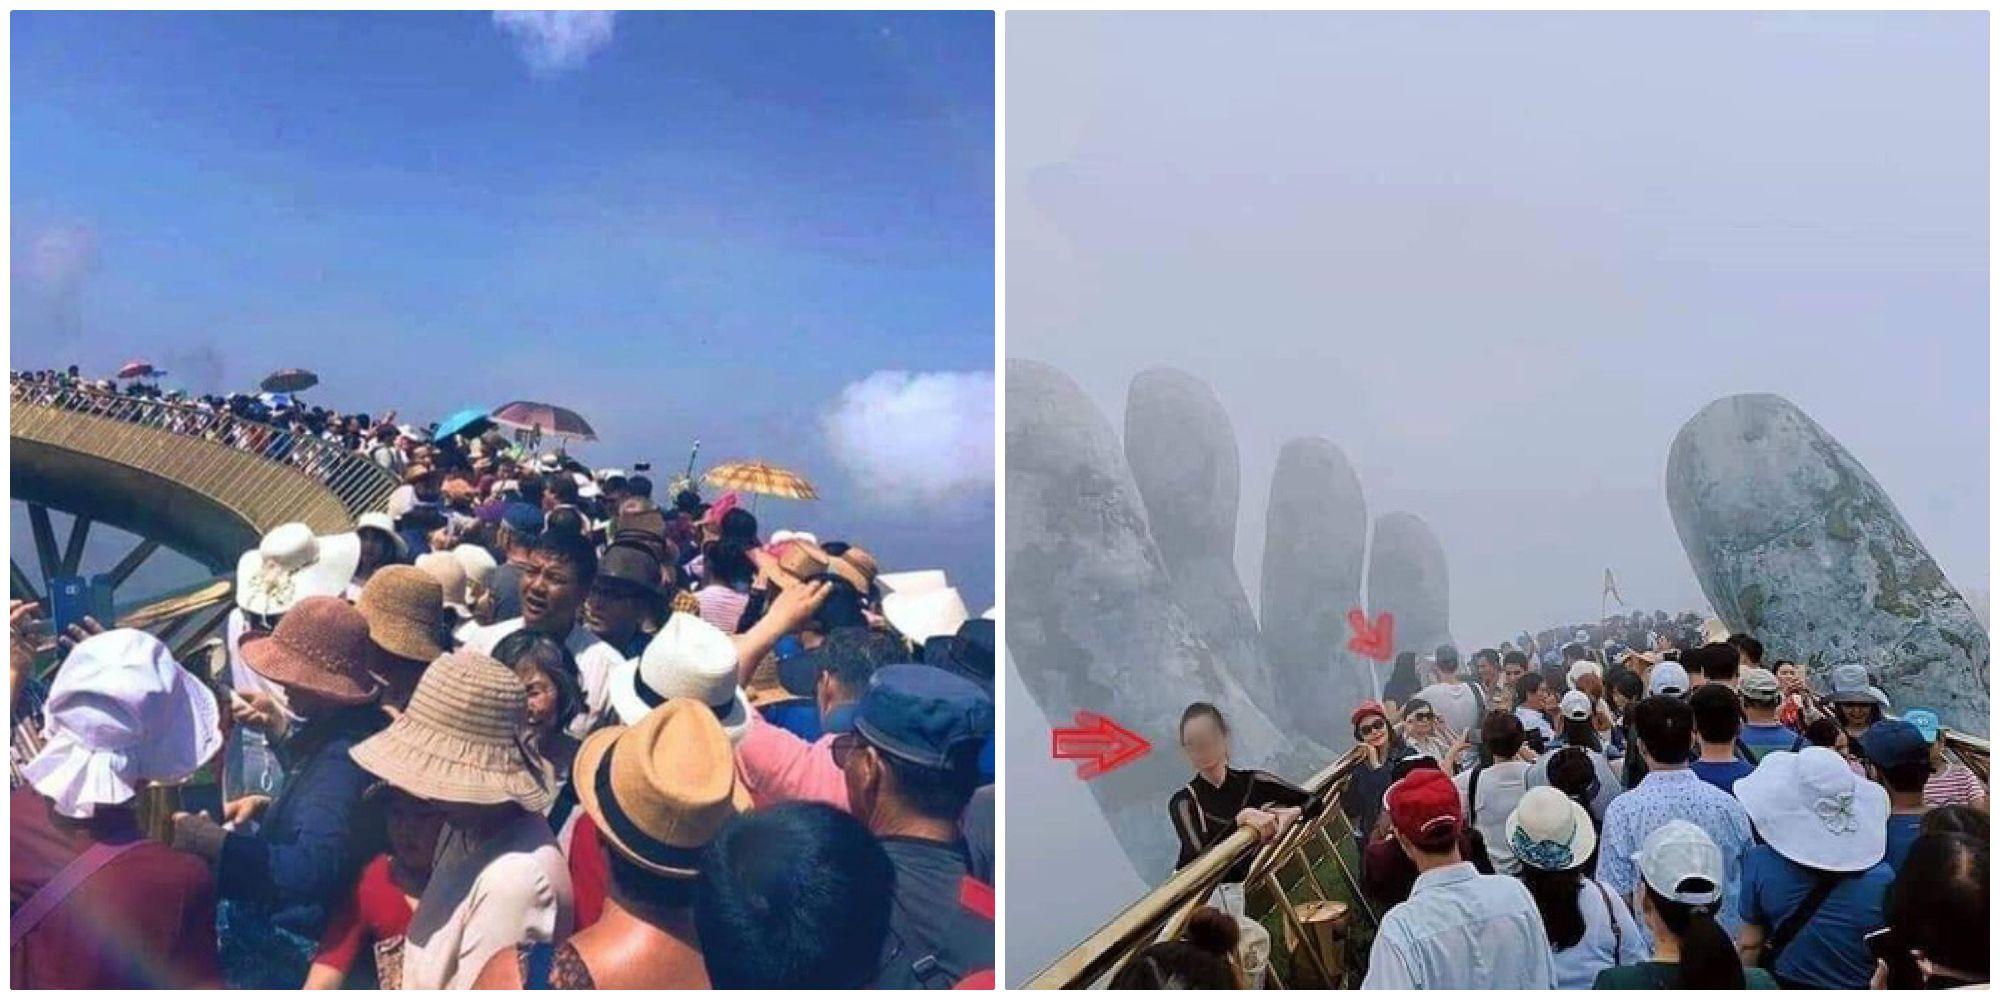 Hình ảnh kinh hoàng nhất dịp nghỉ lễ vừa rồi chắc chắn là cầu Vàng Đà Nẵng